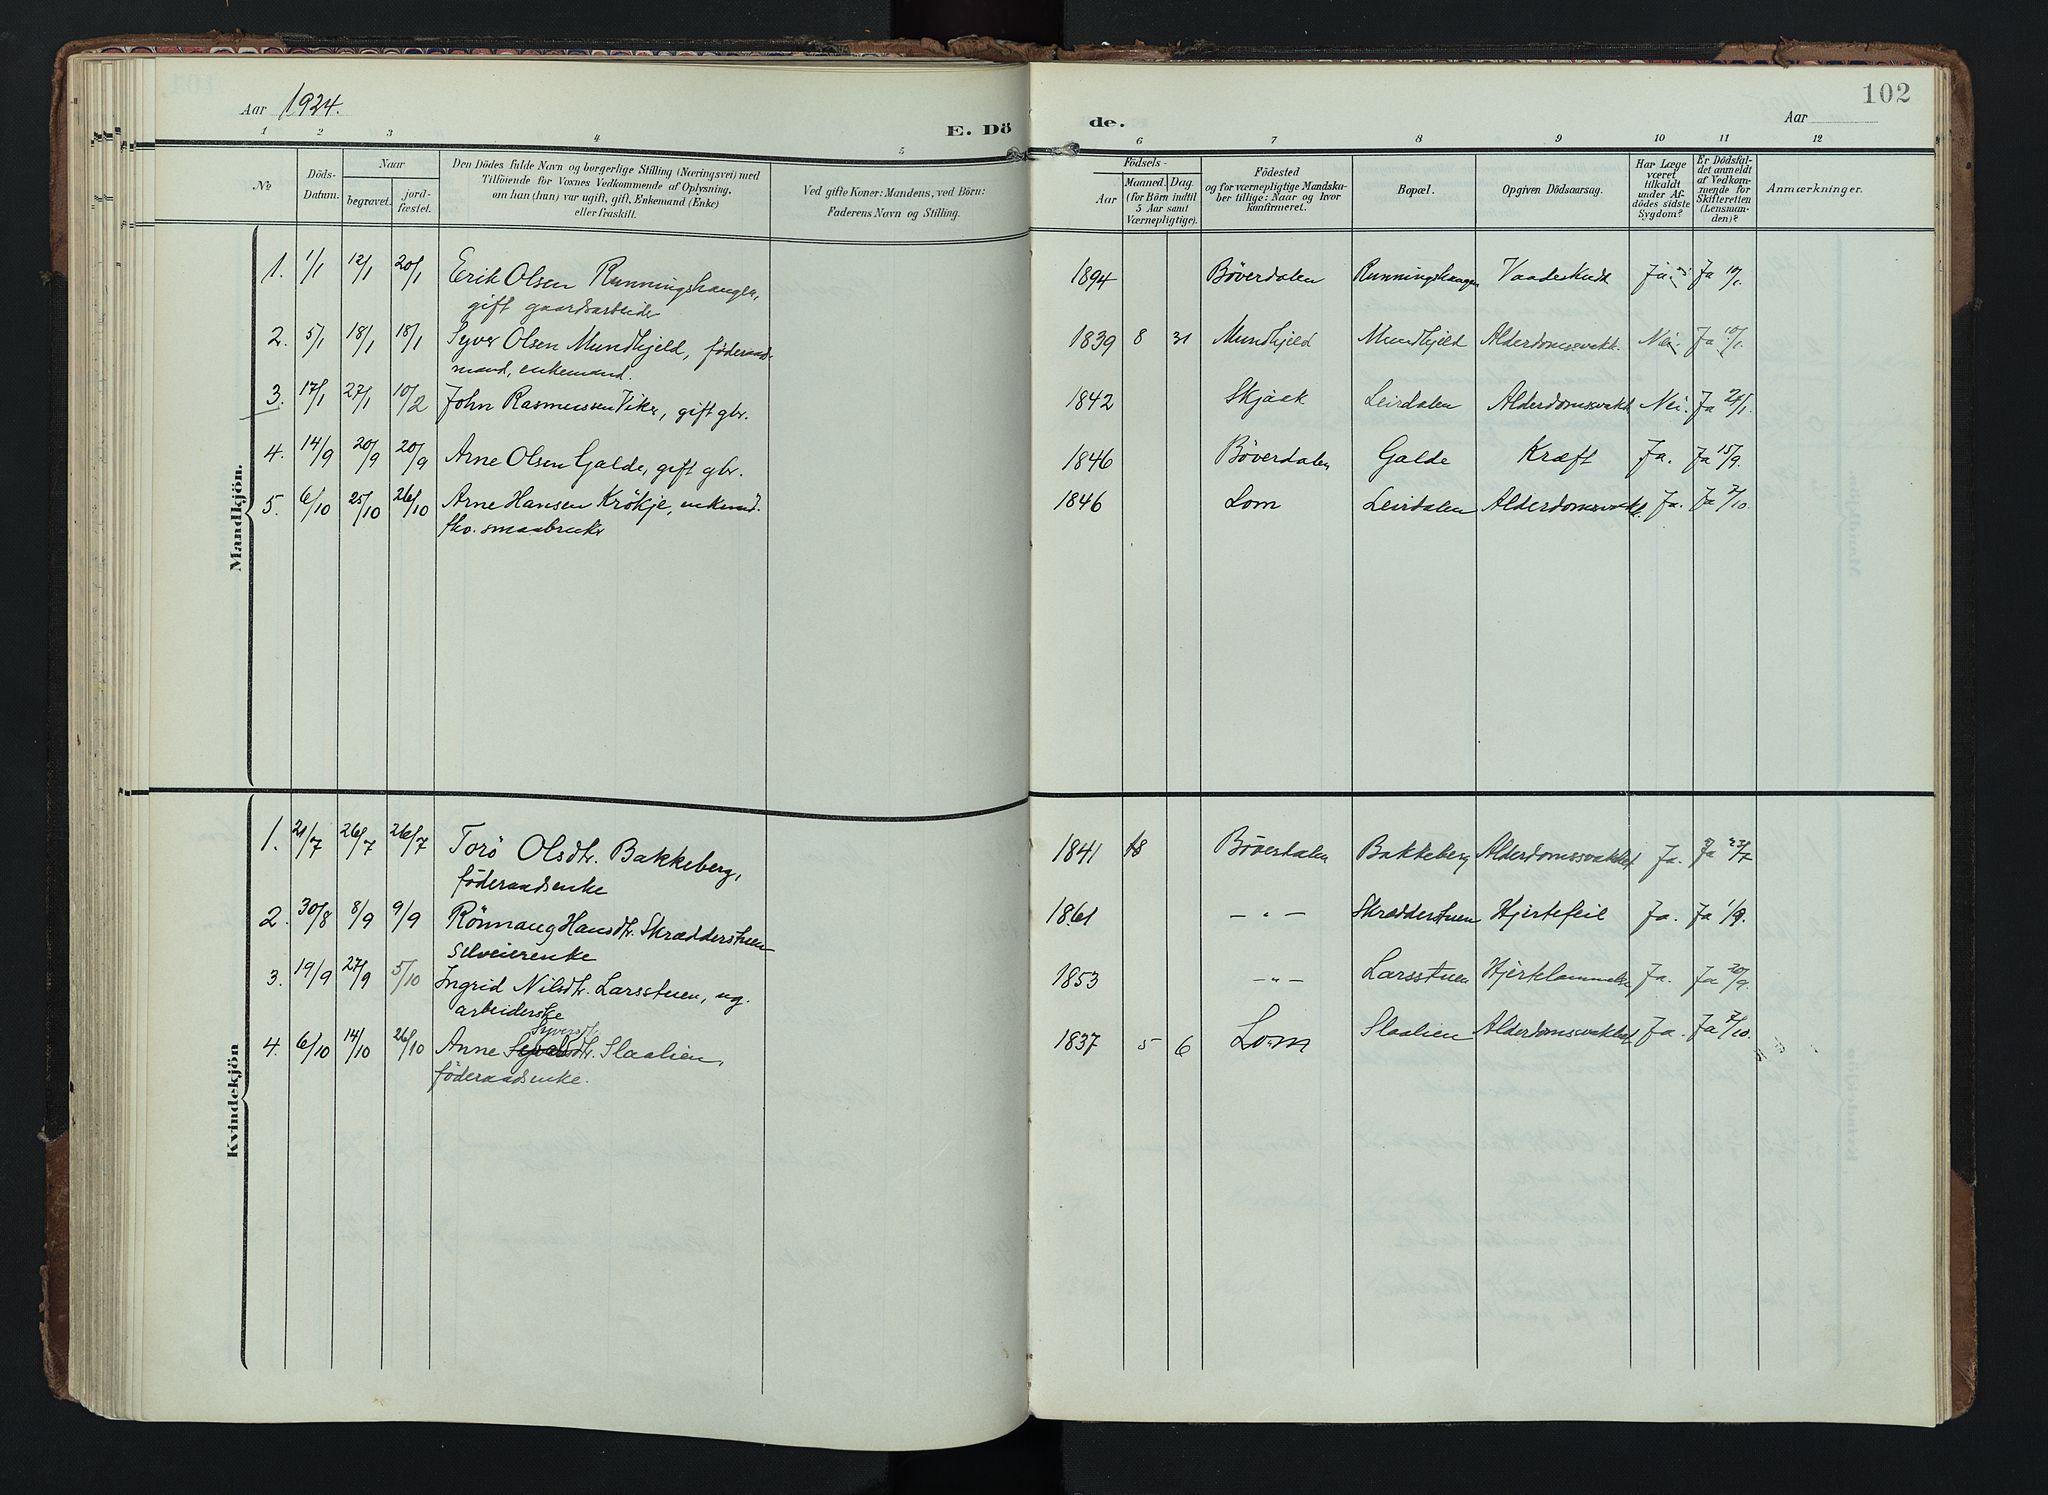 SAH, Lom prestekontor, K/L0012: Ministerialbok nr. 12, 1904-1928, s. 102